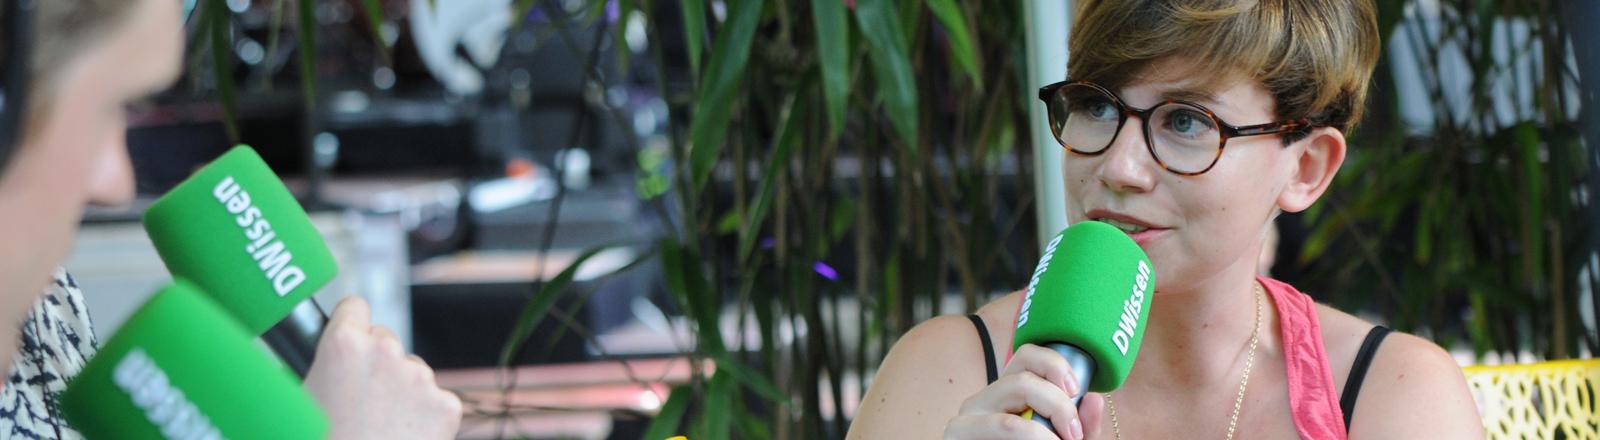 Marie-Luise Heimer von Spotify im Gespräch